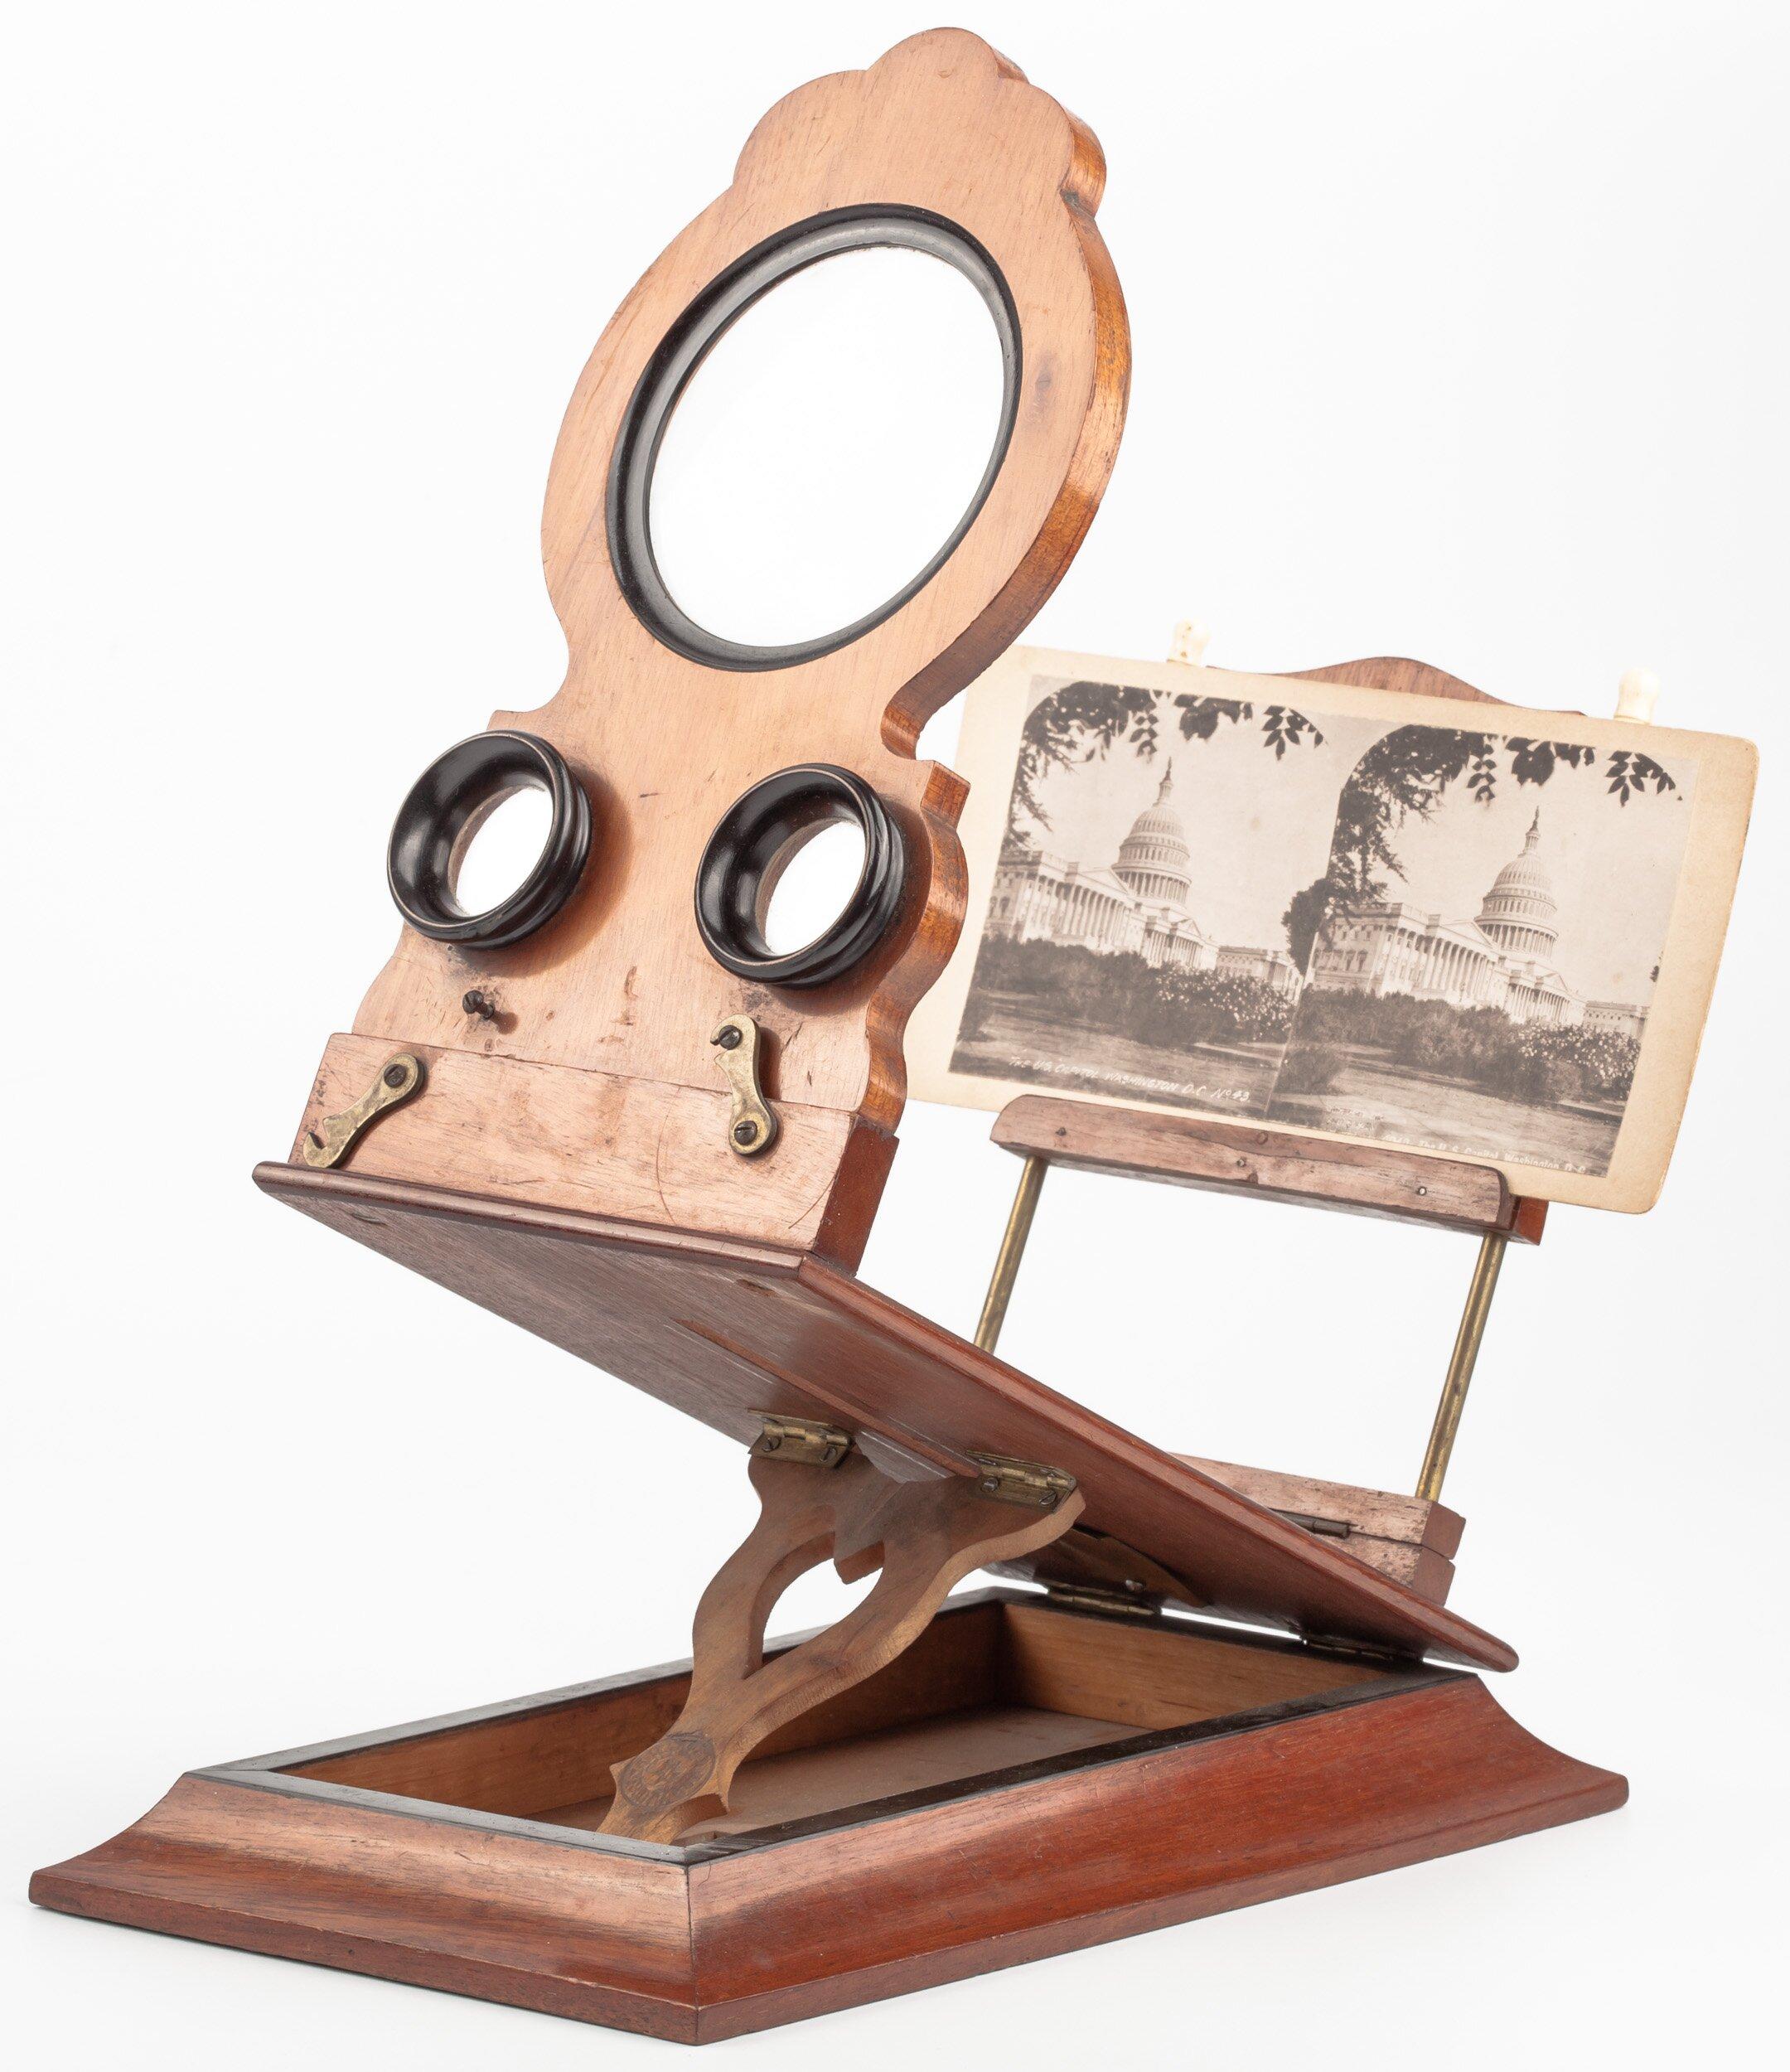 Stereobetrachter, Stereoskop für Glas- und Papierstereobilder